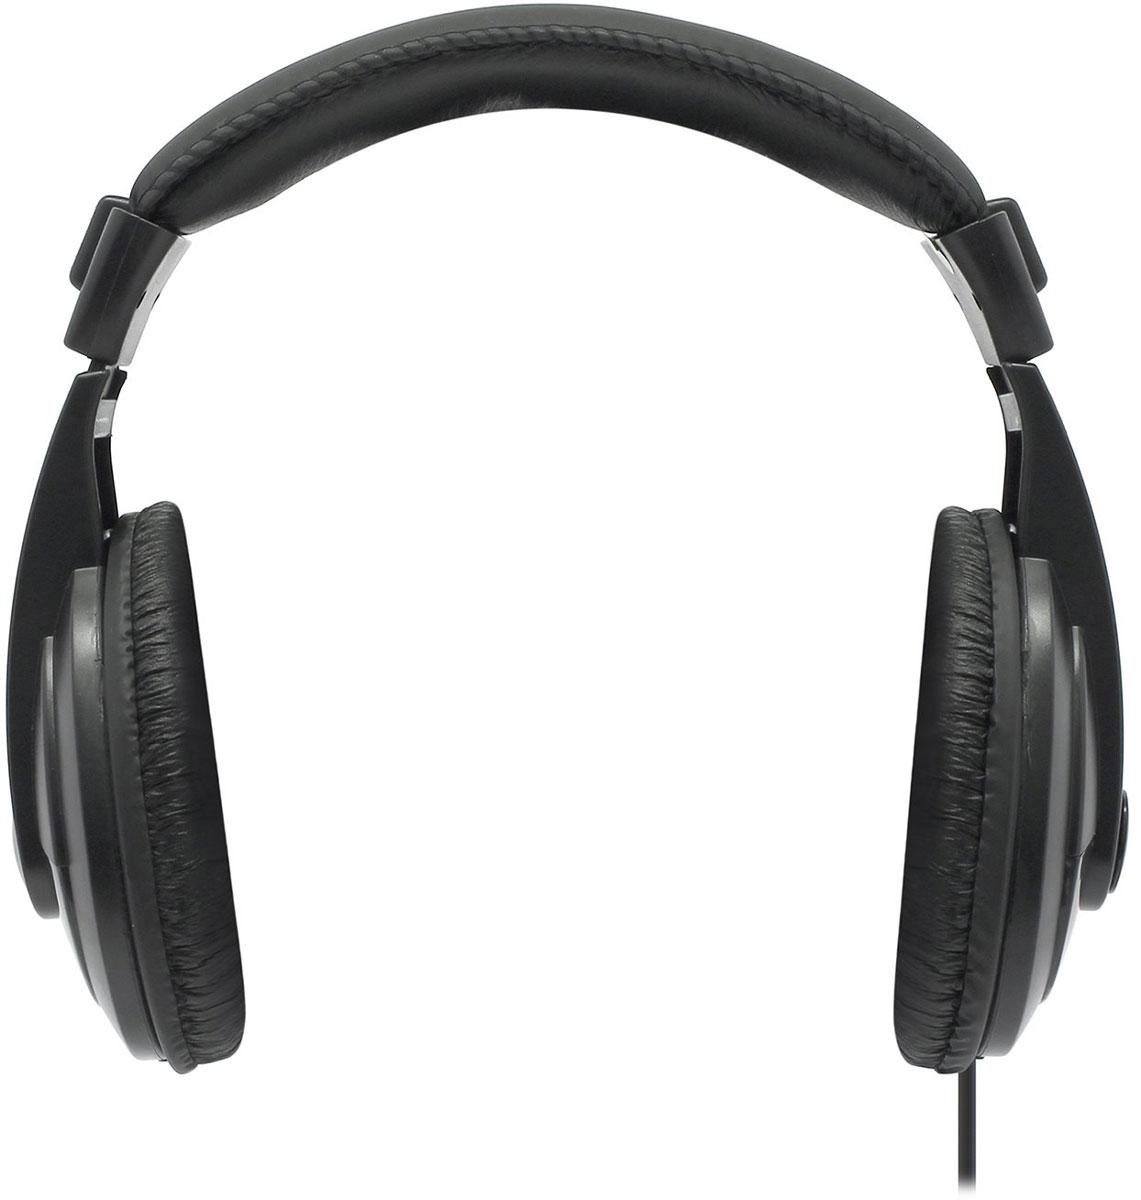 Defender Gryphon 751, Black накладные наушники63751Defender Gryphon 751 обеспечат кристально чистый звук! Прослушивание музыки доставит истинное удовольствие как ценителям классической музыки, так и поклонникам рока. Наушники не искажают звучание даже самых сложных аудиокомпозиций. Кабель длиной 2 метра со встроенным регулятором громкости позволит вам свободно перемещаться по помещению.